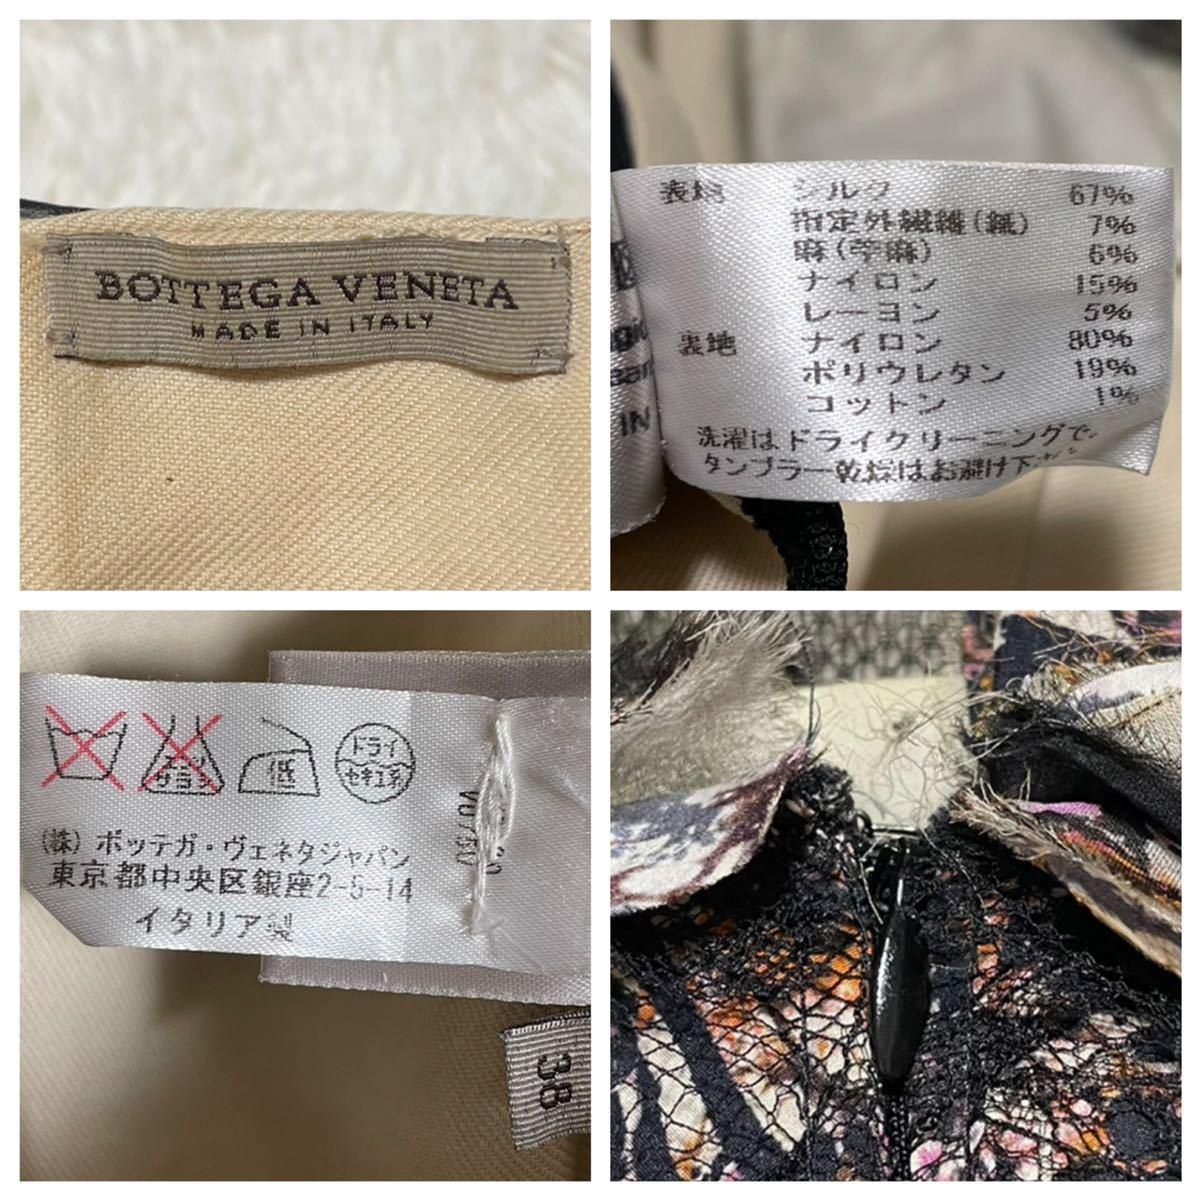 本物 コレクションモデル ボッテガヴェネタ シルク混 レース ギャザーレイヤード オフショルダー ワンピース ドレス 38 BOTTEGA VENETA_画像7